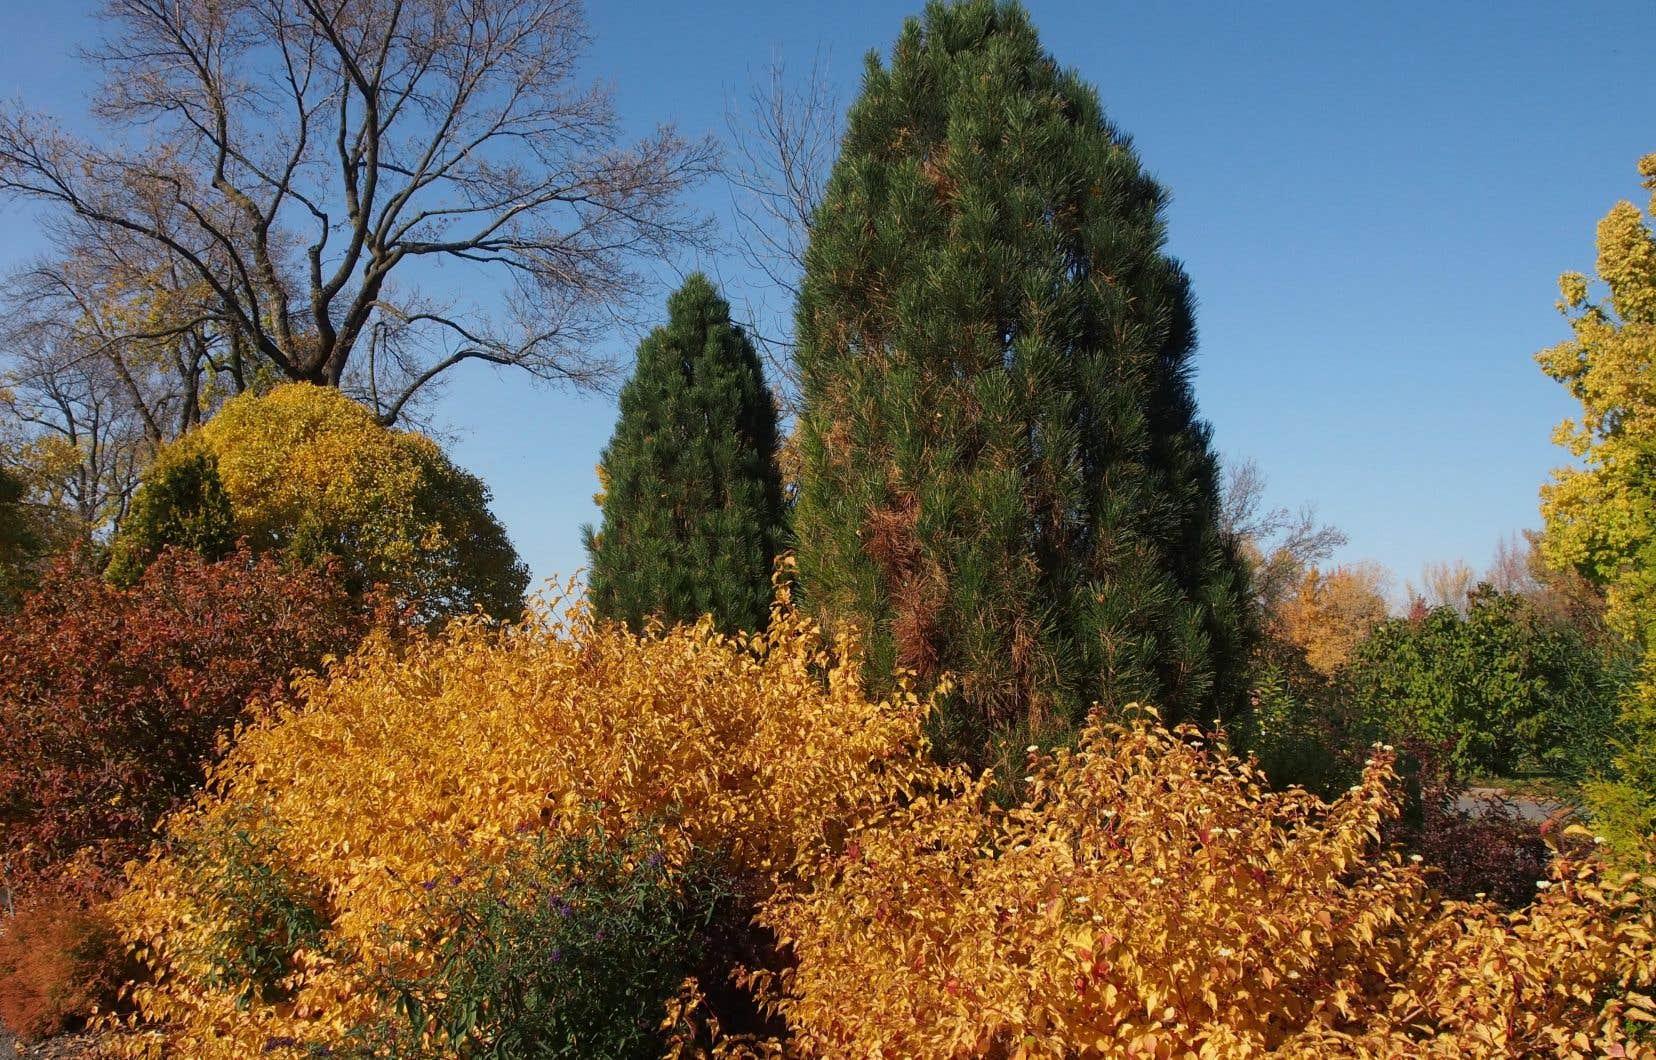 Avec la diminution de la photopériode et la baisse de la température, de nombreuses transformations biochimiques sont déclenchées, chez les feuillus comme chez les conifères, les végétaux ligneux, les plantes annuelles et les vivaces.